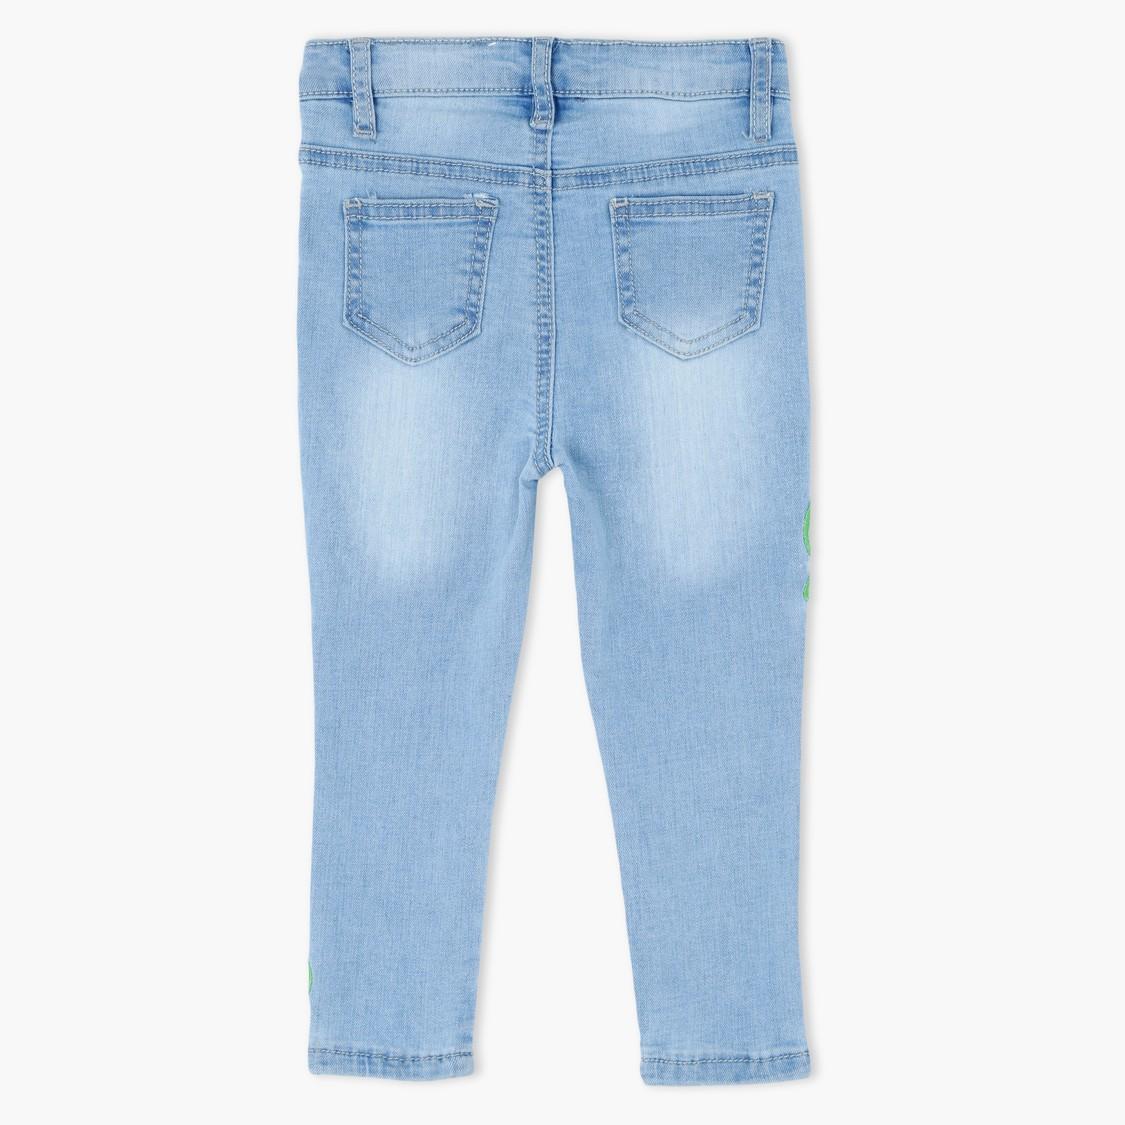 بنطال جينز طويل مزخرف مع أزرار إغلاق